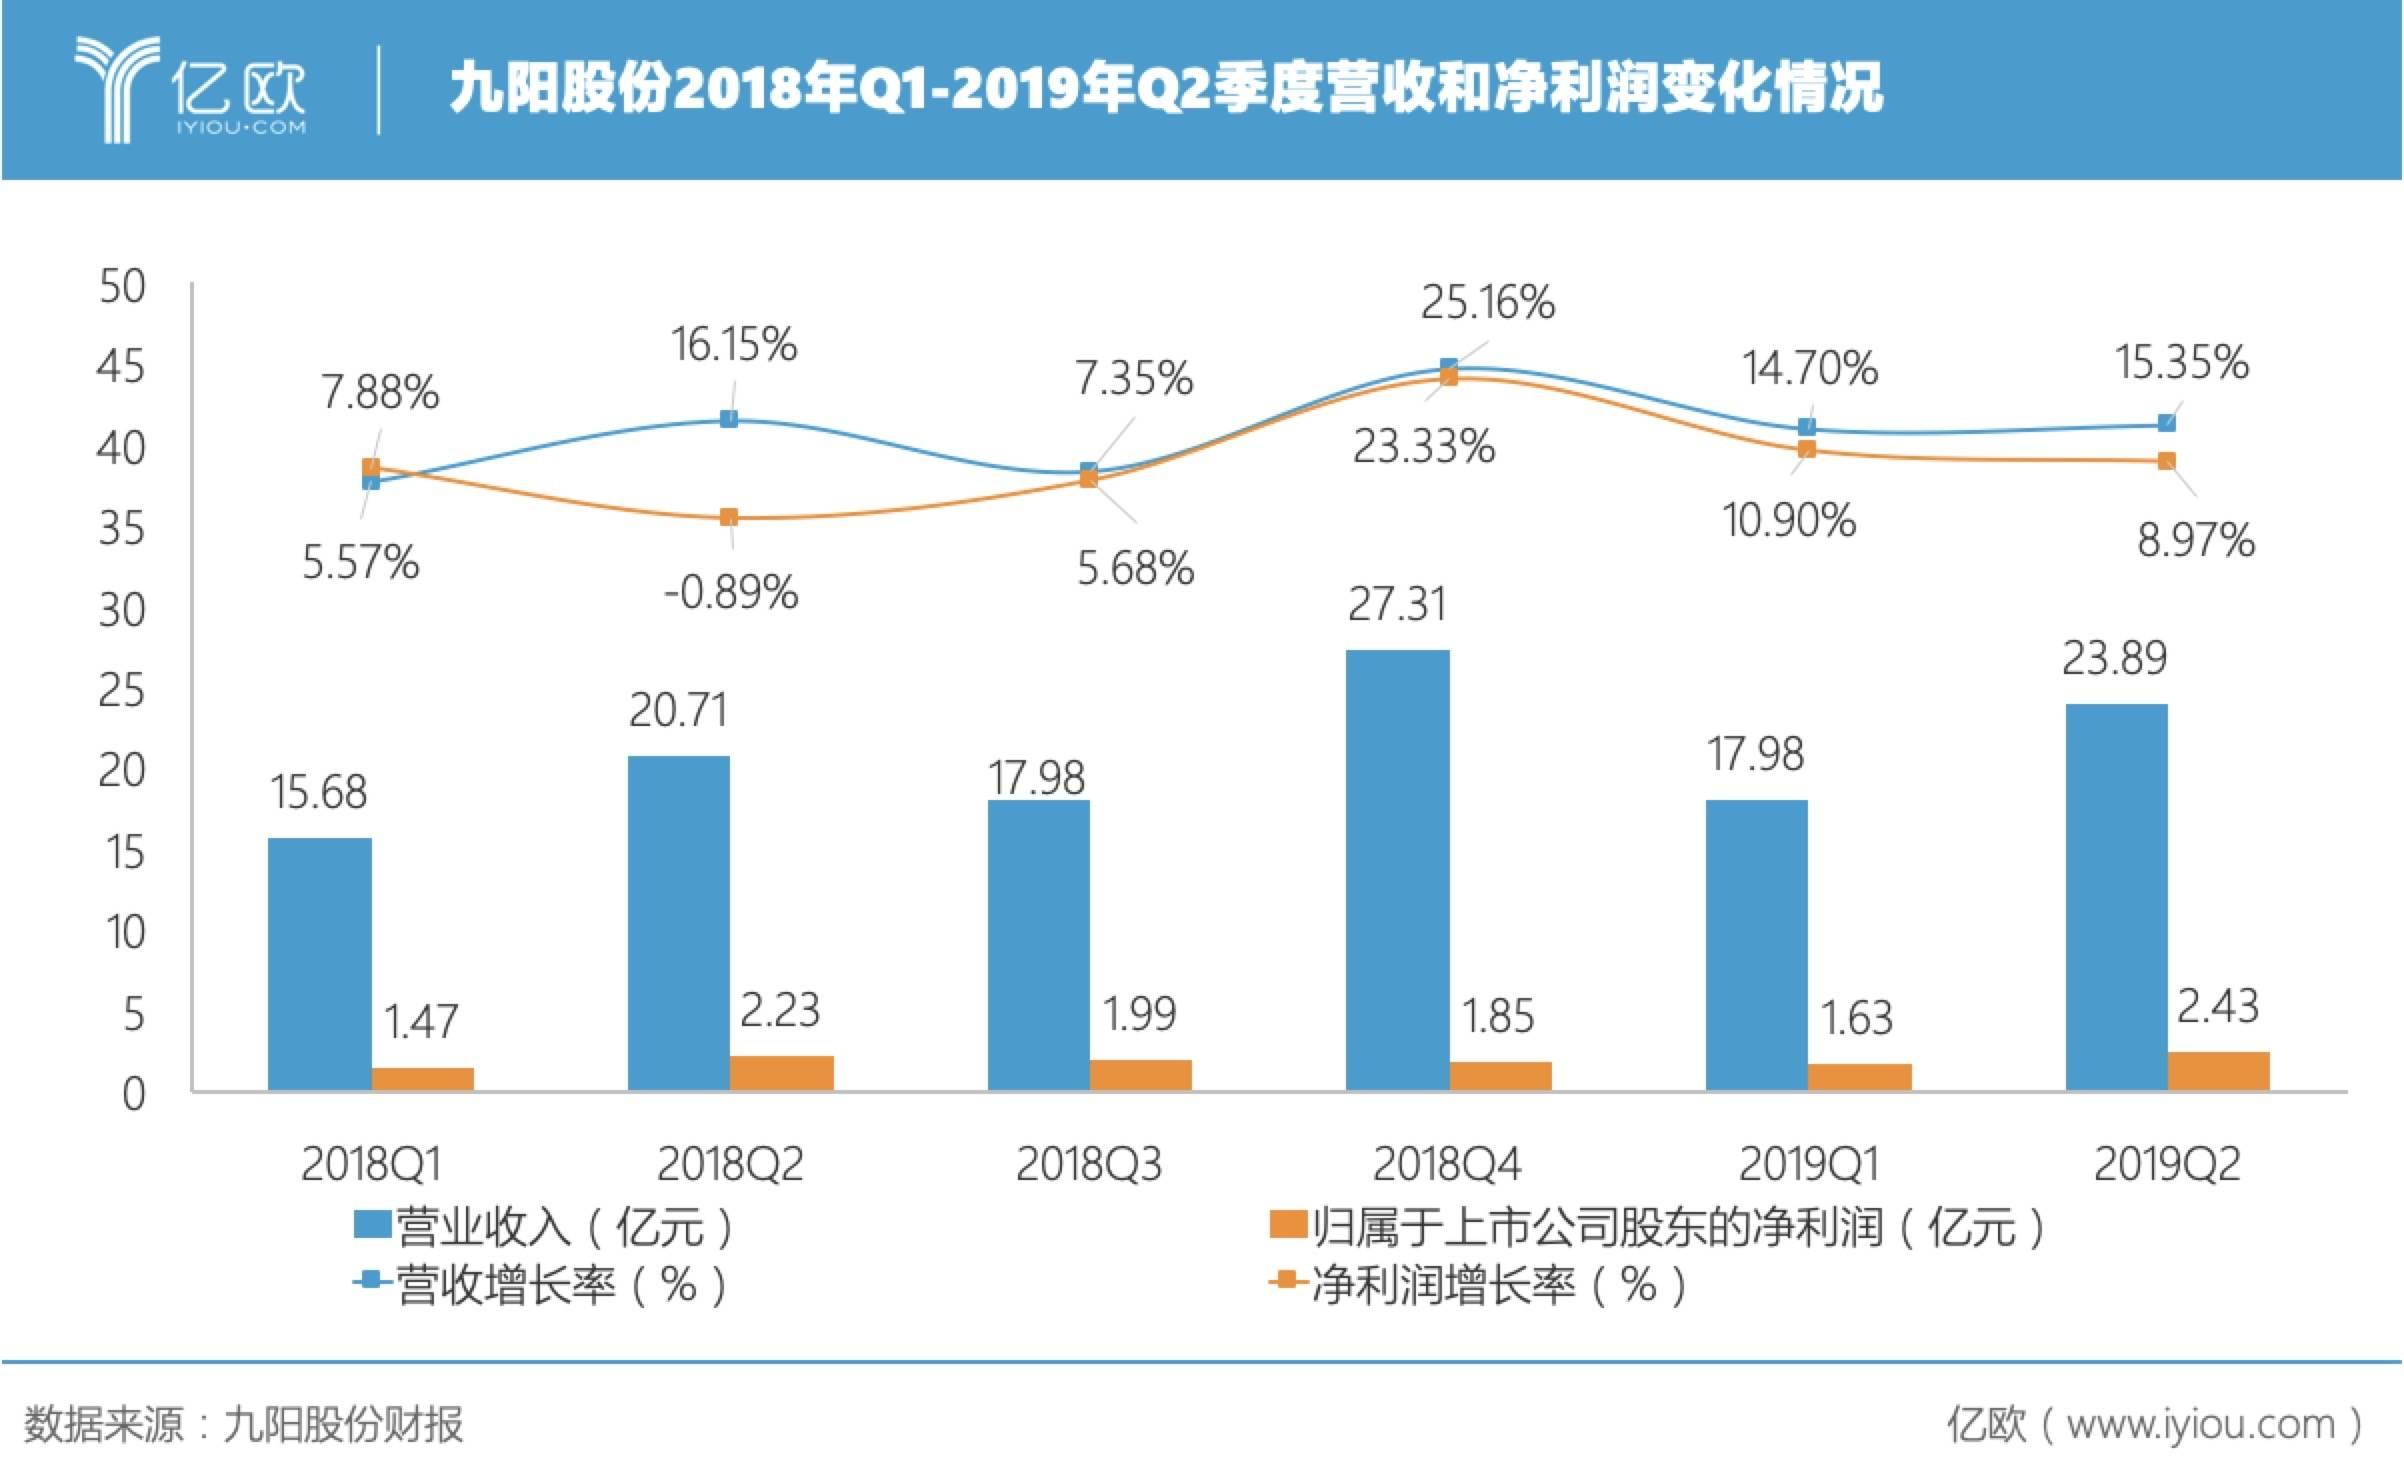 九阳股分季度财务数据.jpg